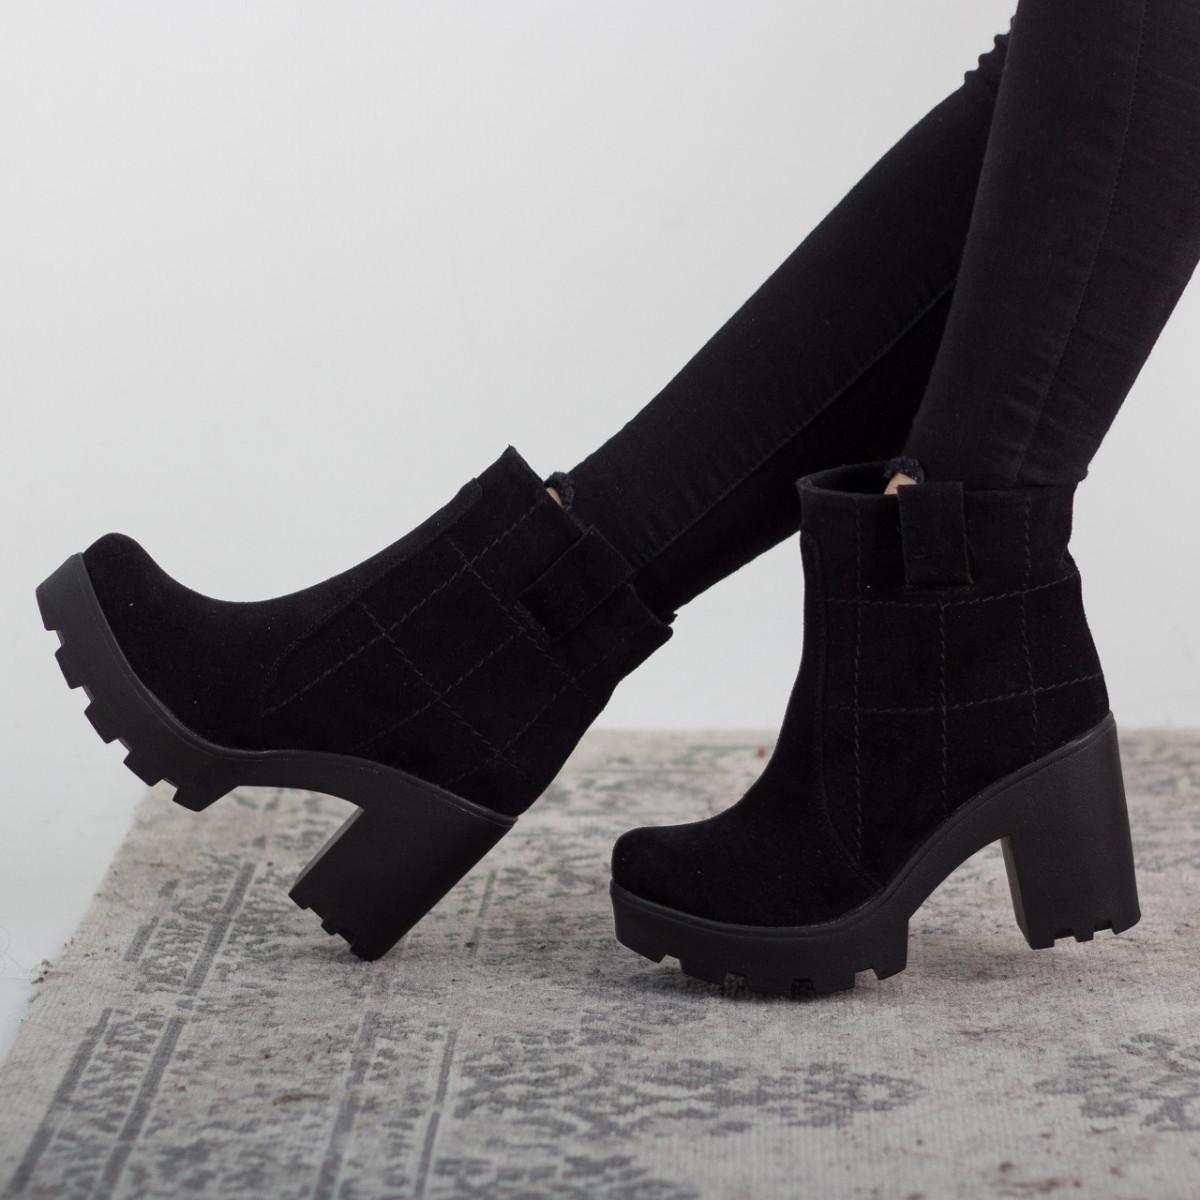 Черевики жіночі Fashion Caji 2641 36 розмір, 23,5 см Чорний 40